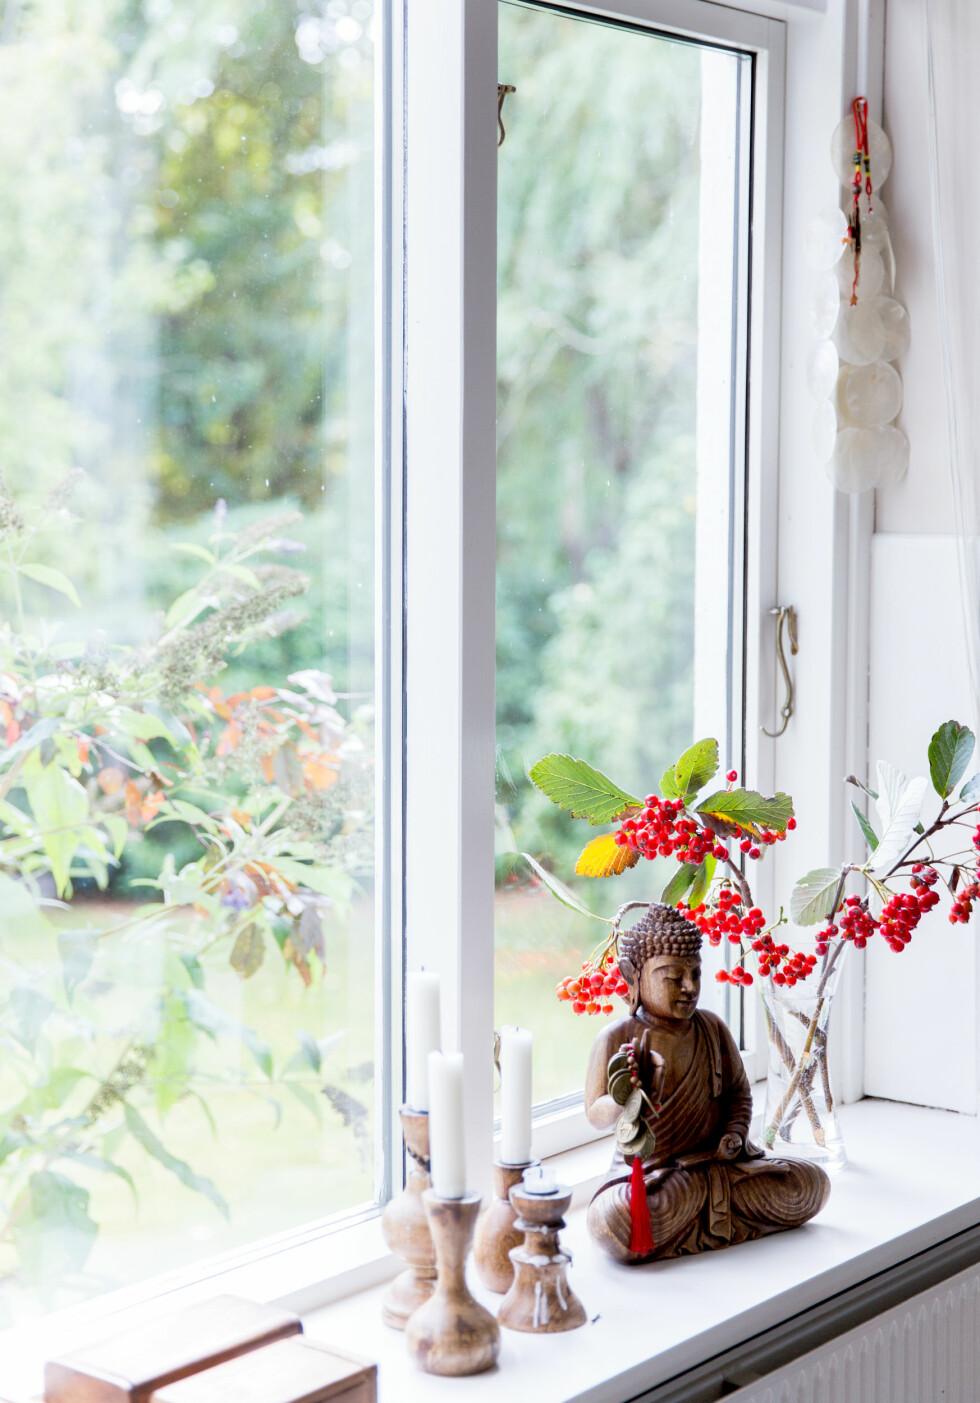 PYNT VINDUSKARMEN: Reiseminner fra fjerne himmelstrøk skaper god stemning hjemme.  Foto: Pernille Kaalund